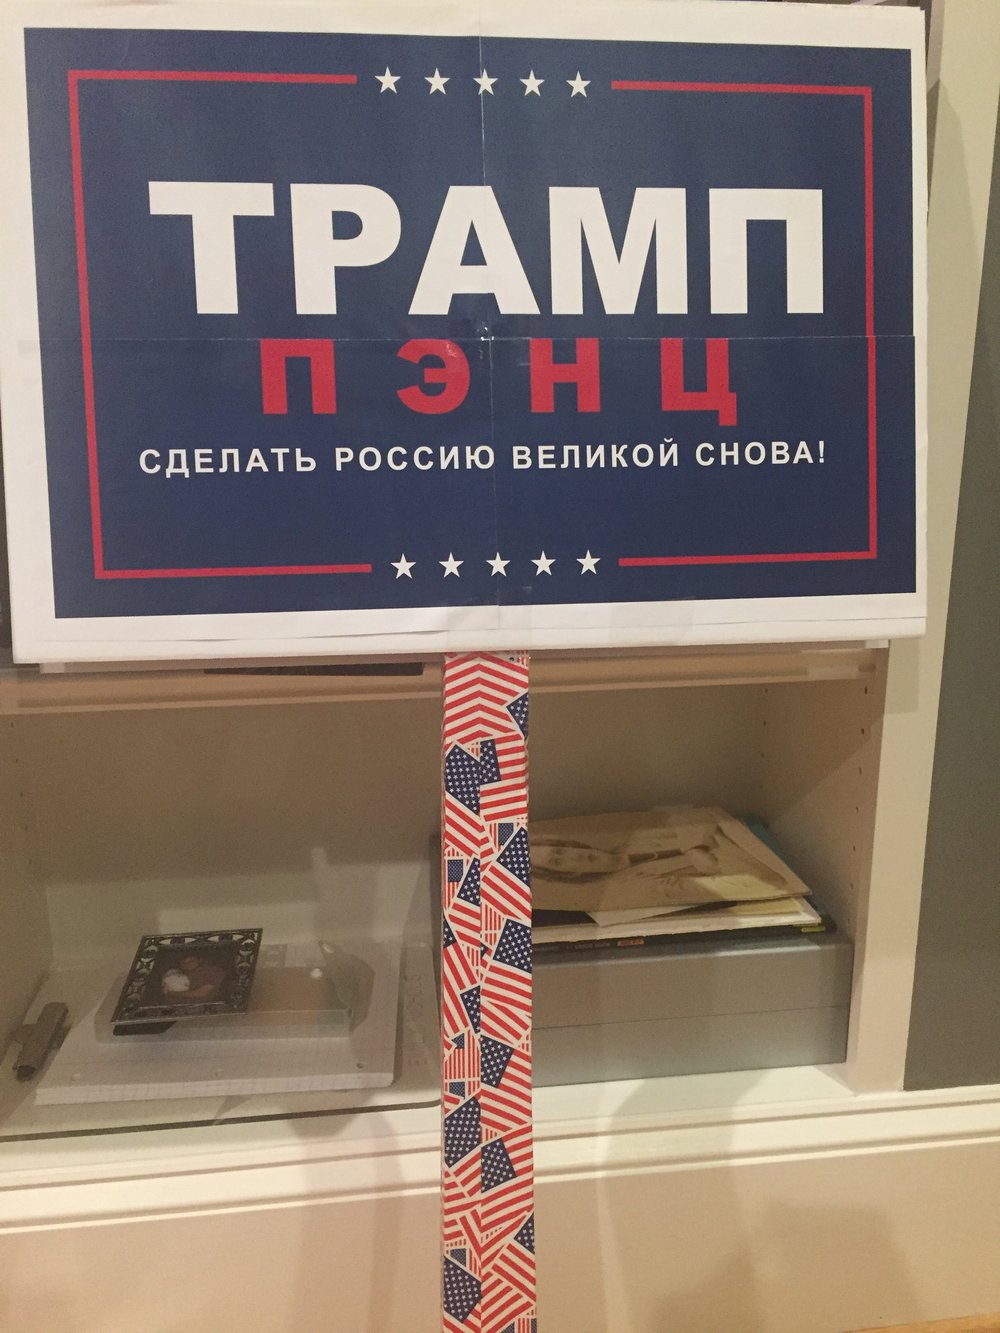 Tramp: Make Russia Great Again